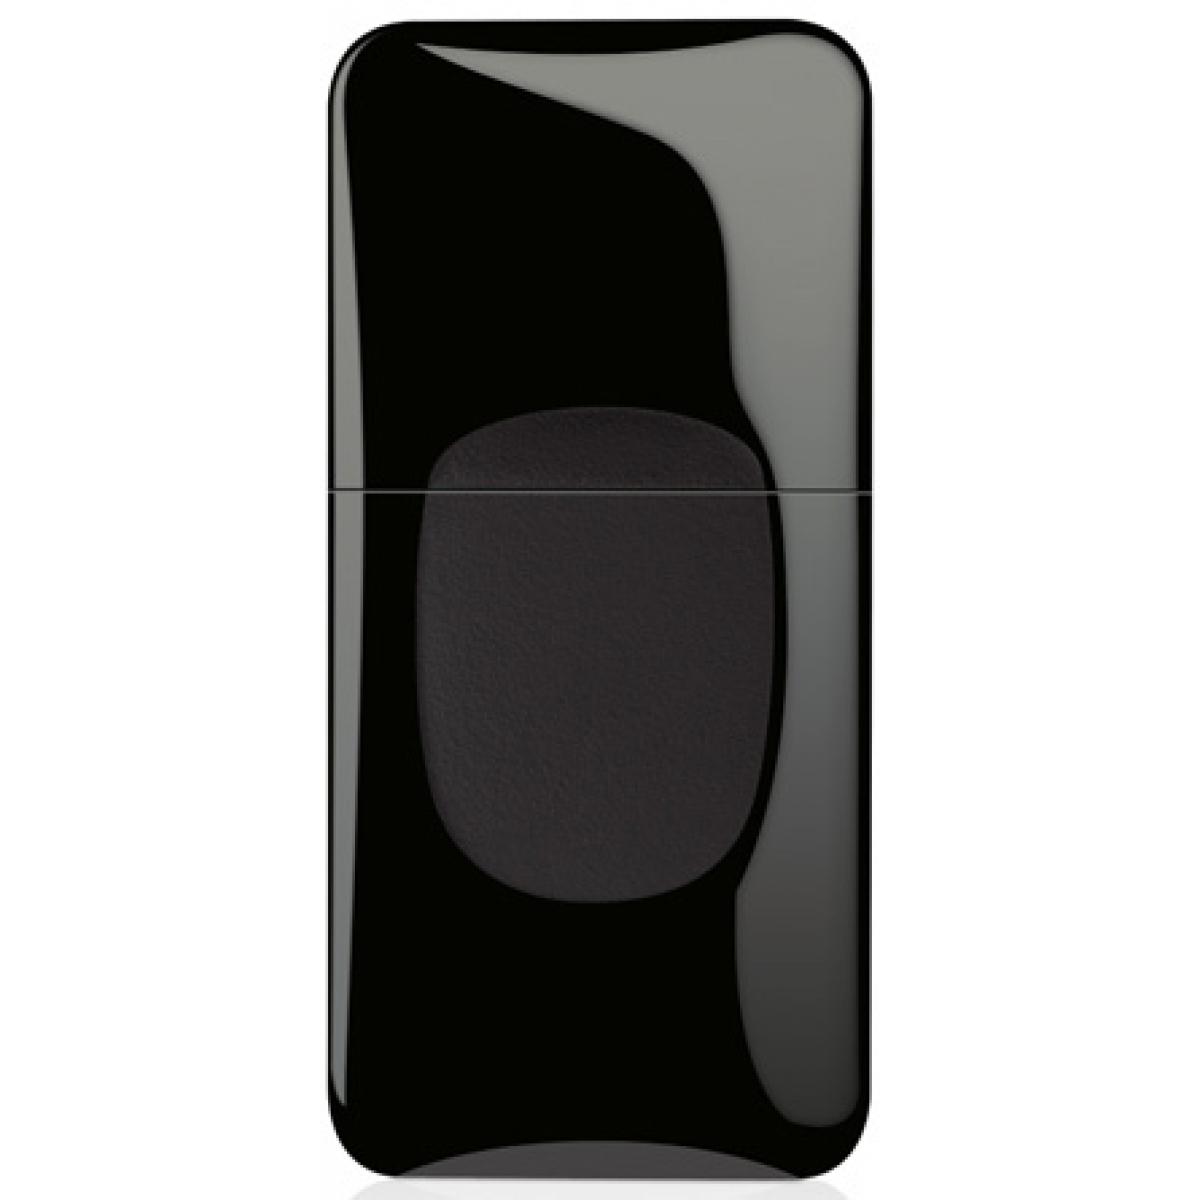 Mini Adaptador TP-Link Wireless N300Mpbs TL-WN823N USB